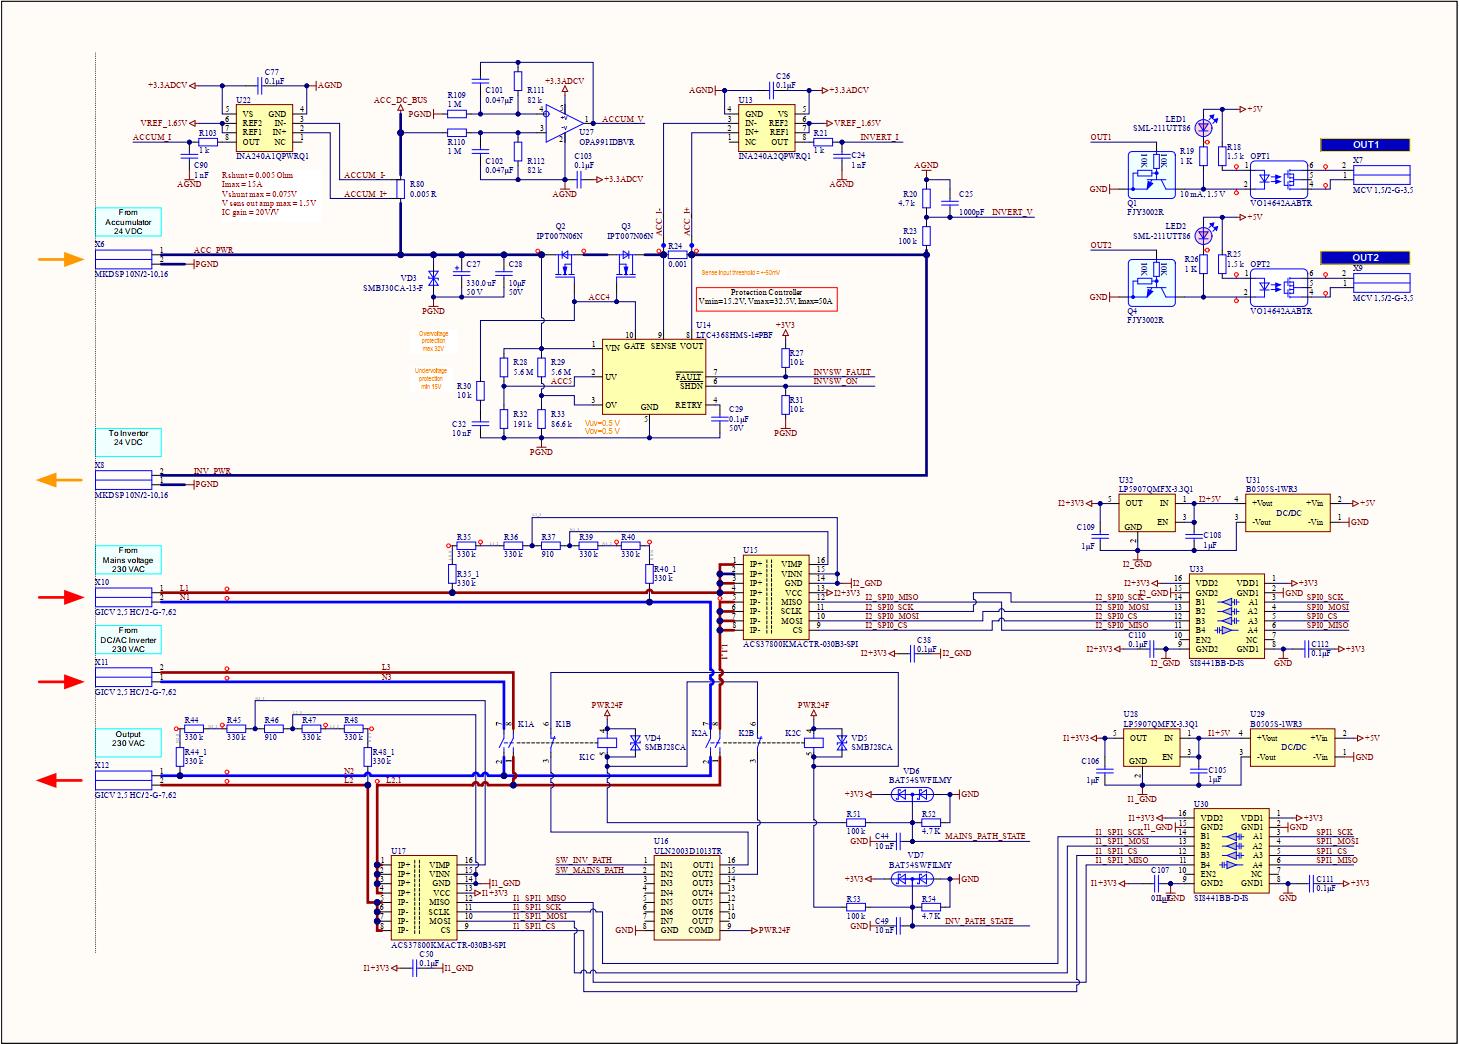 Лист 3. Ключ питания инвертера, измерители в цепи переменного тока, коммутаторы цепи переменного тока